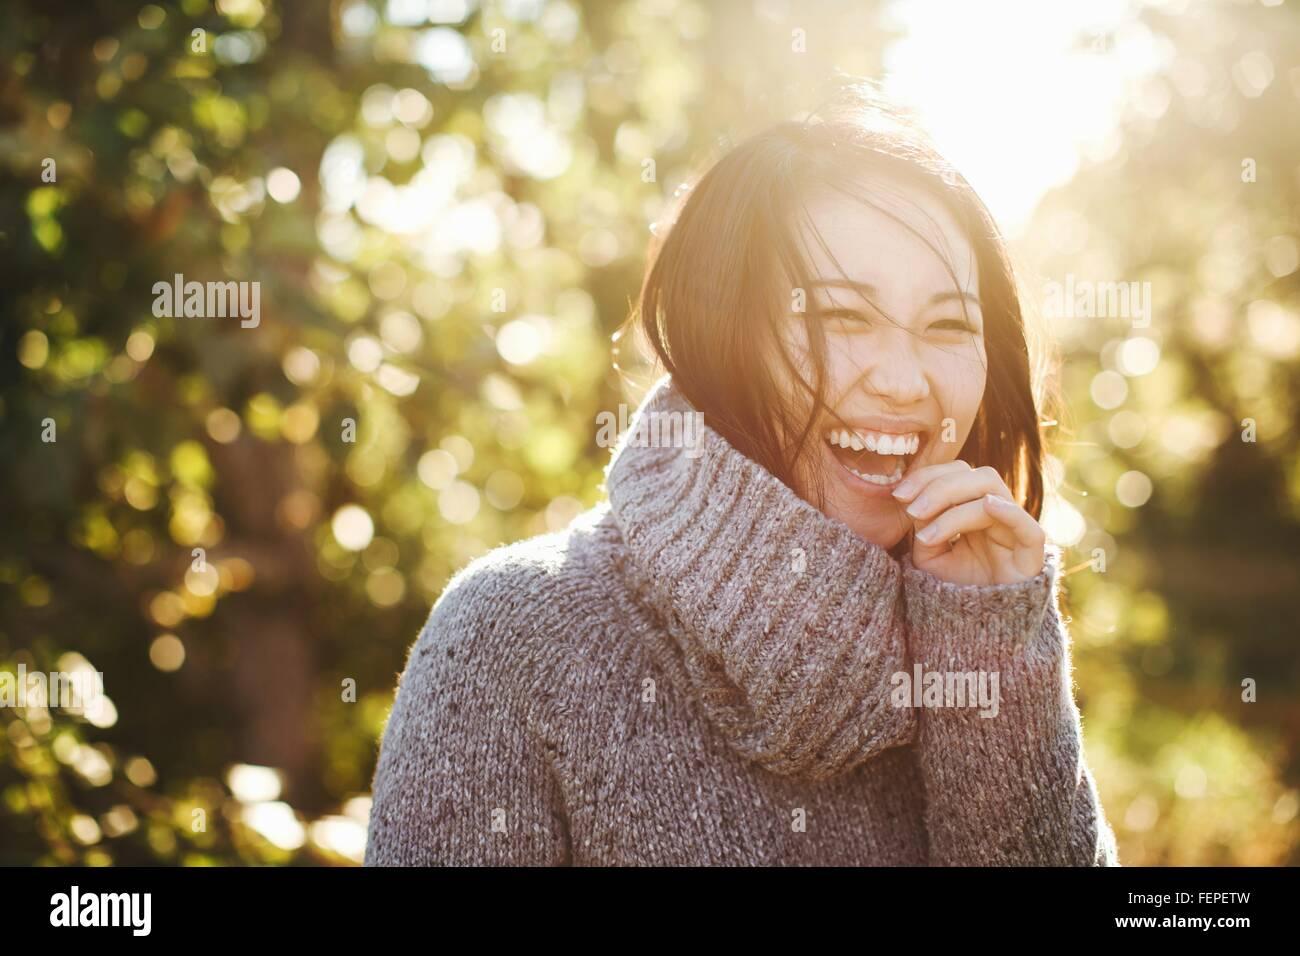 Portrait de jeune femme en milieu rural, rire Photo Stock